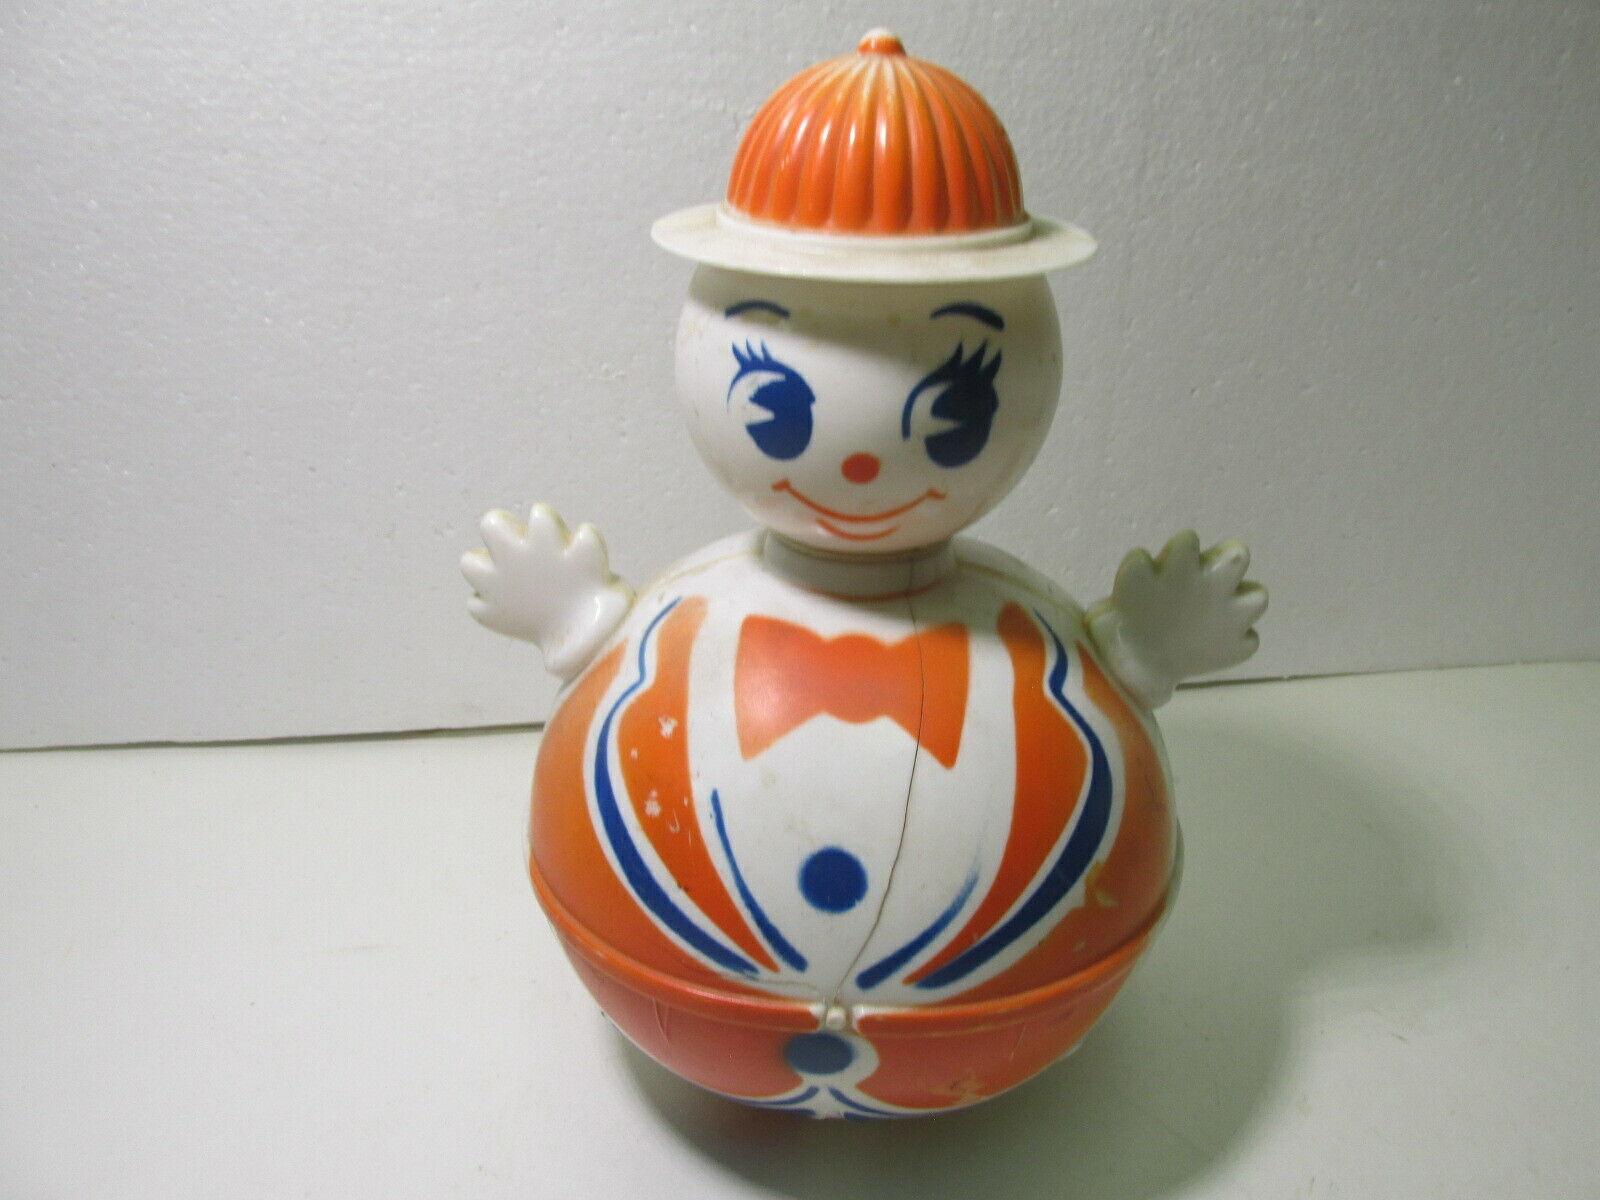 Vintage Arancione e Blu Advertising Plastica Ovetto Wobble Mascotte con Cappello